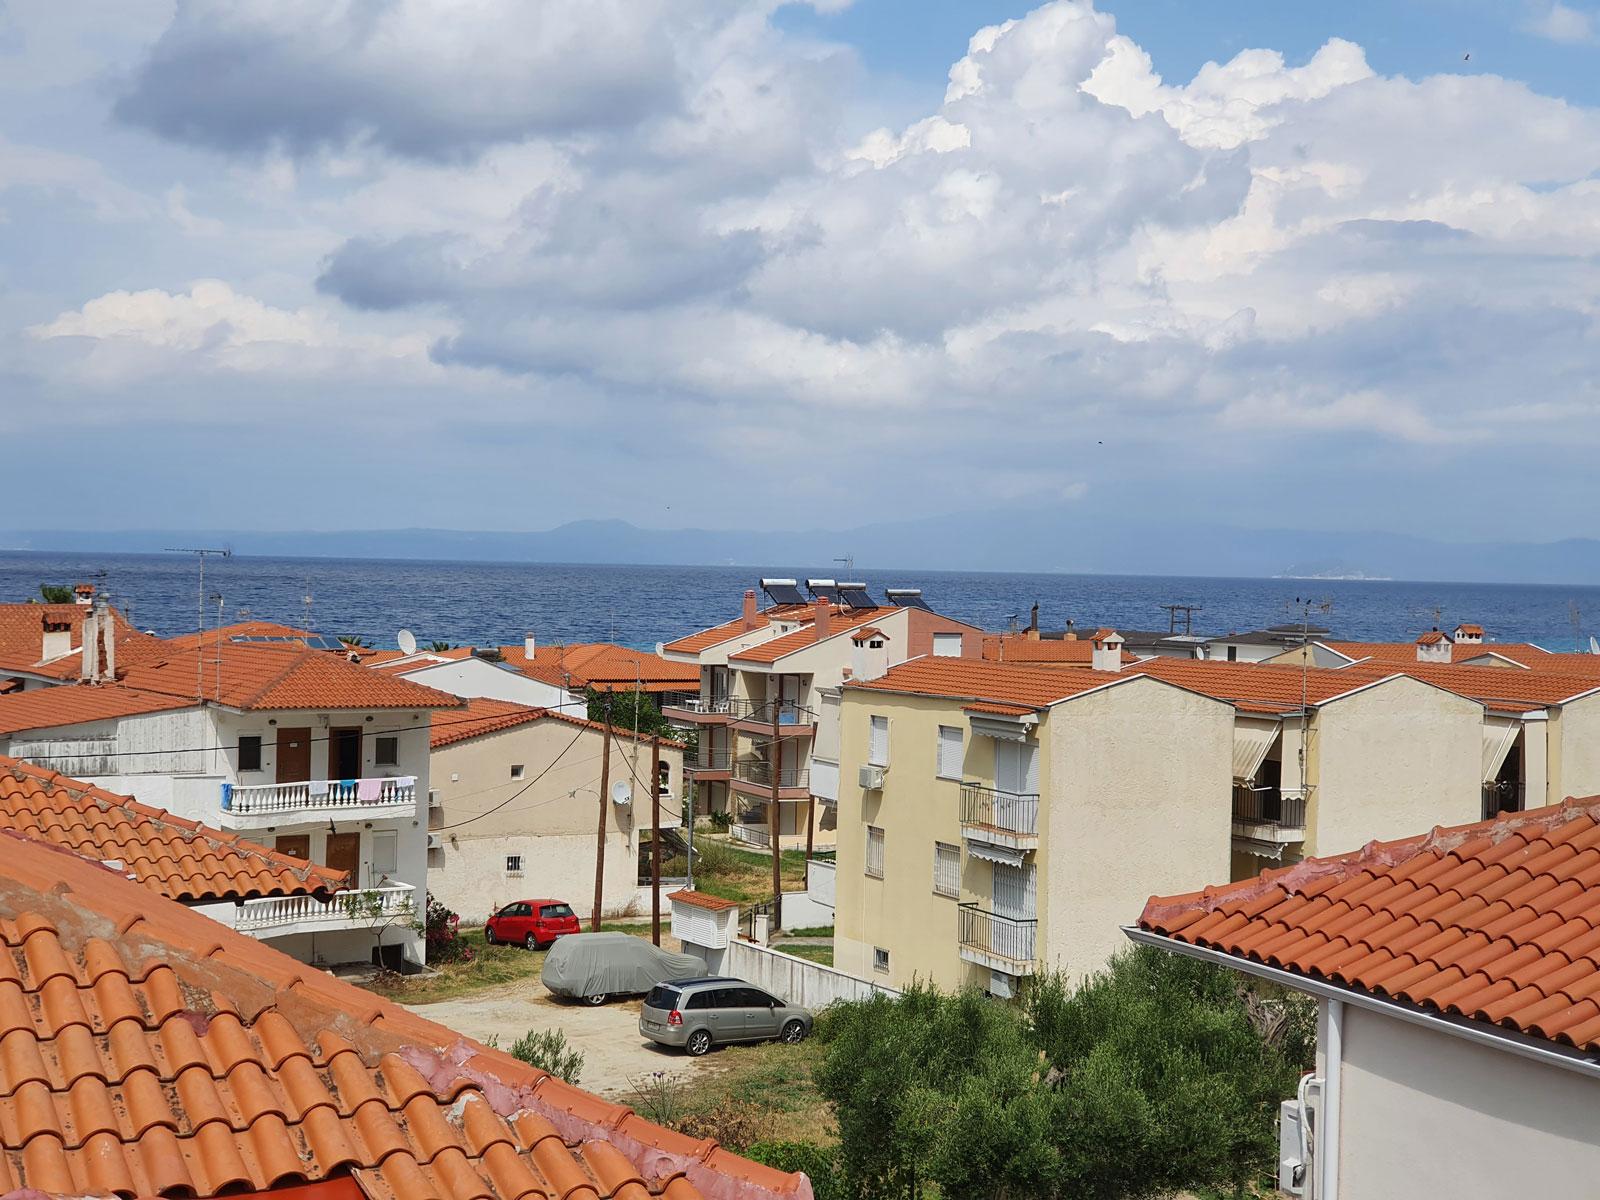 Grcka apartmani letovanje, Polihrono Halkidiki, Green Gardens,, pogled na more sa vrha kuće A